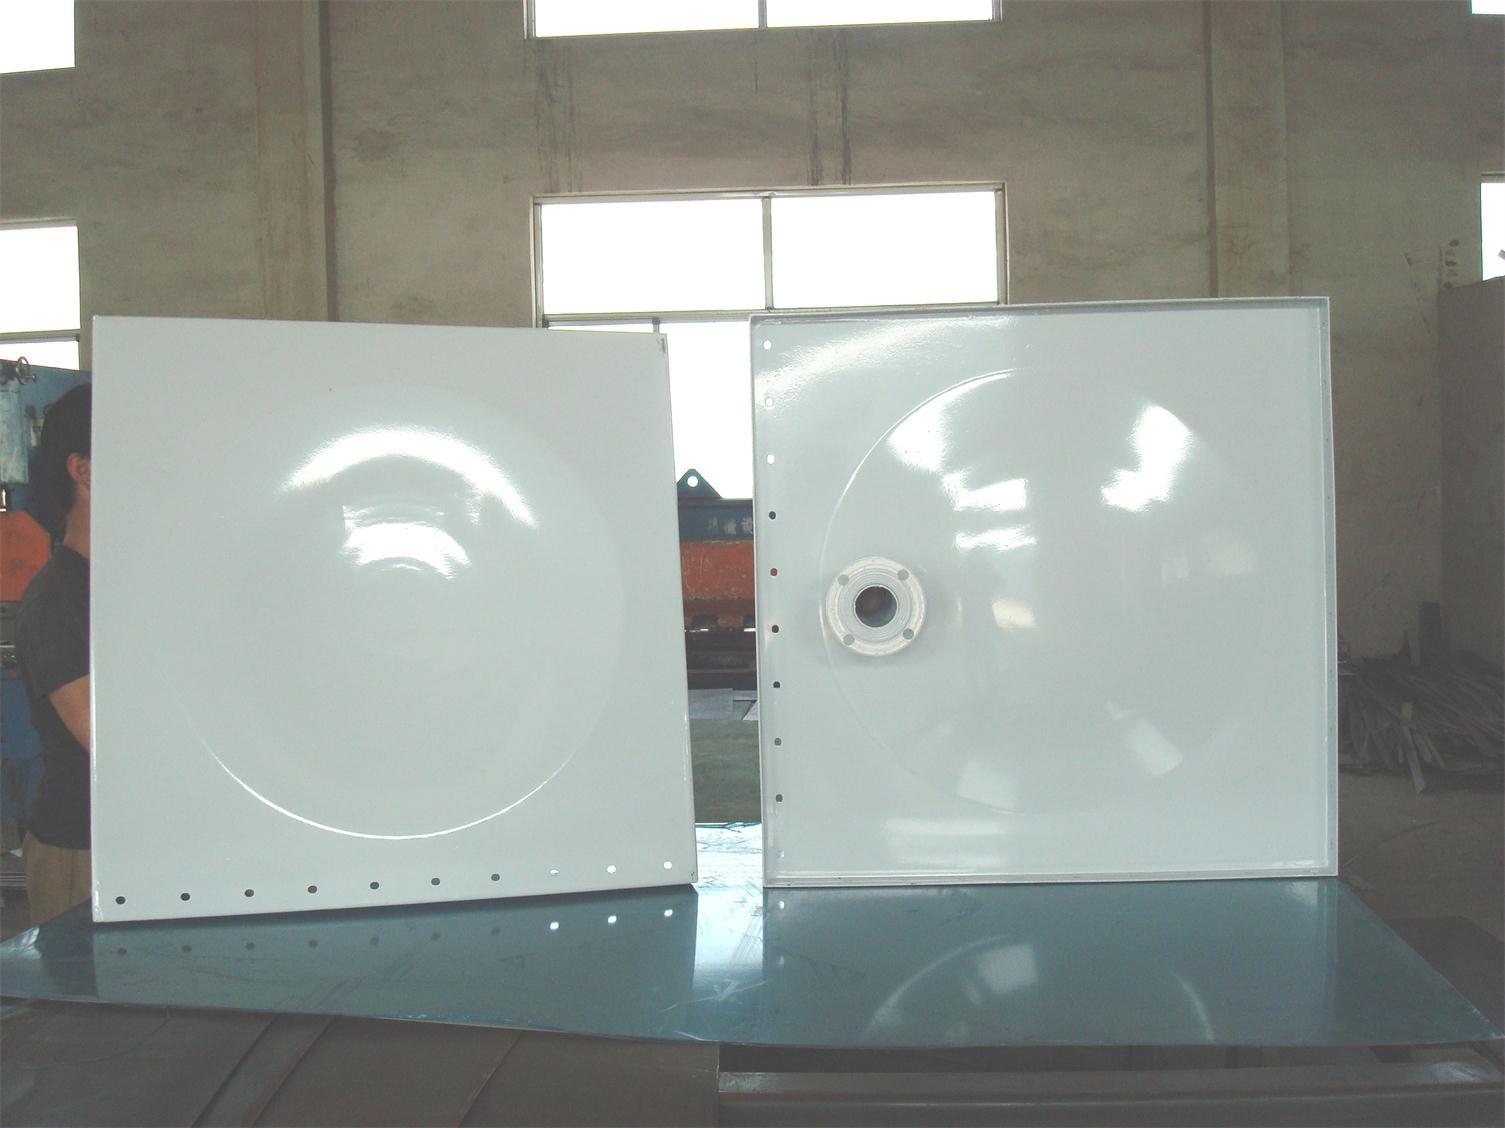 装配式不锈钢水箱 生产安装SMC玻璃钢水箱、搪瓷钢板水箱、不